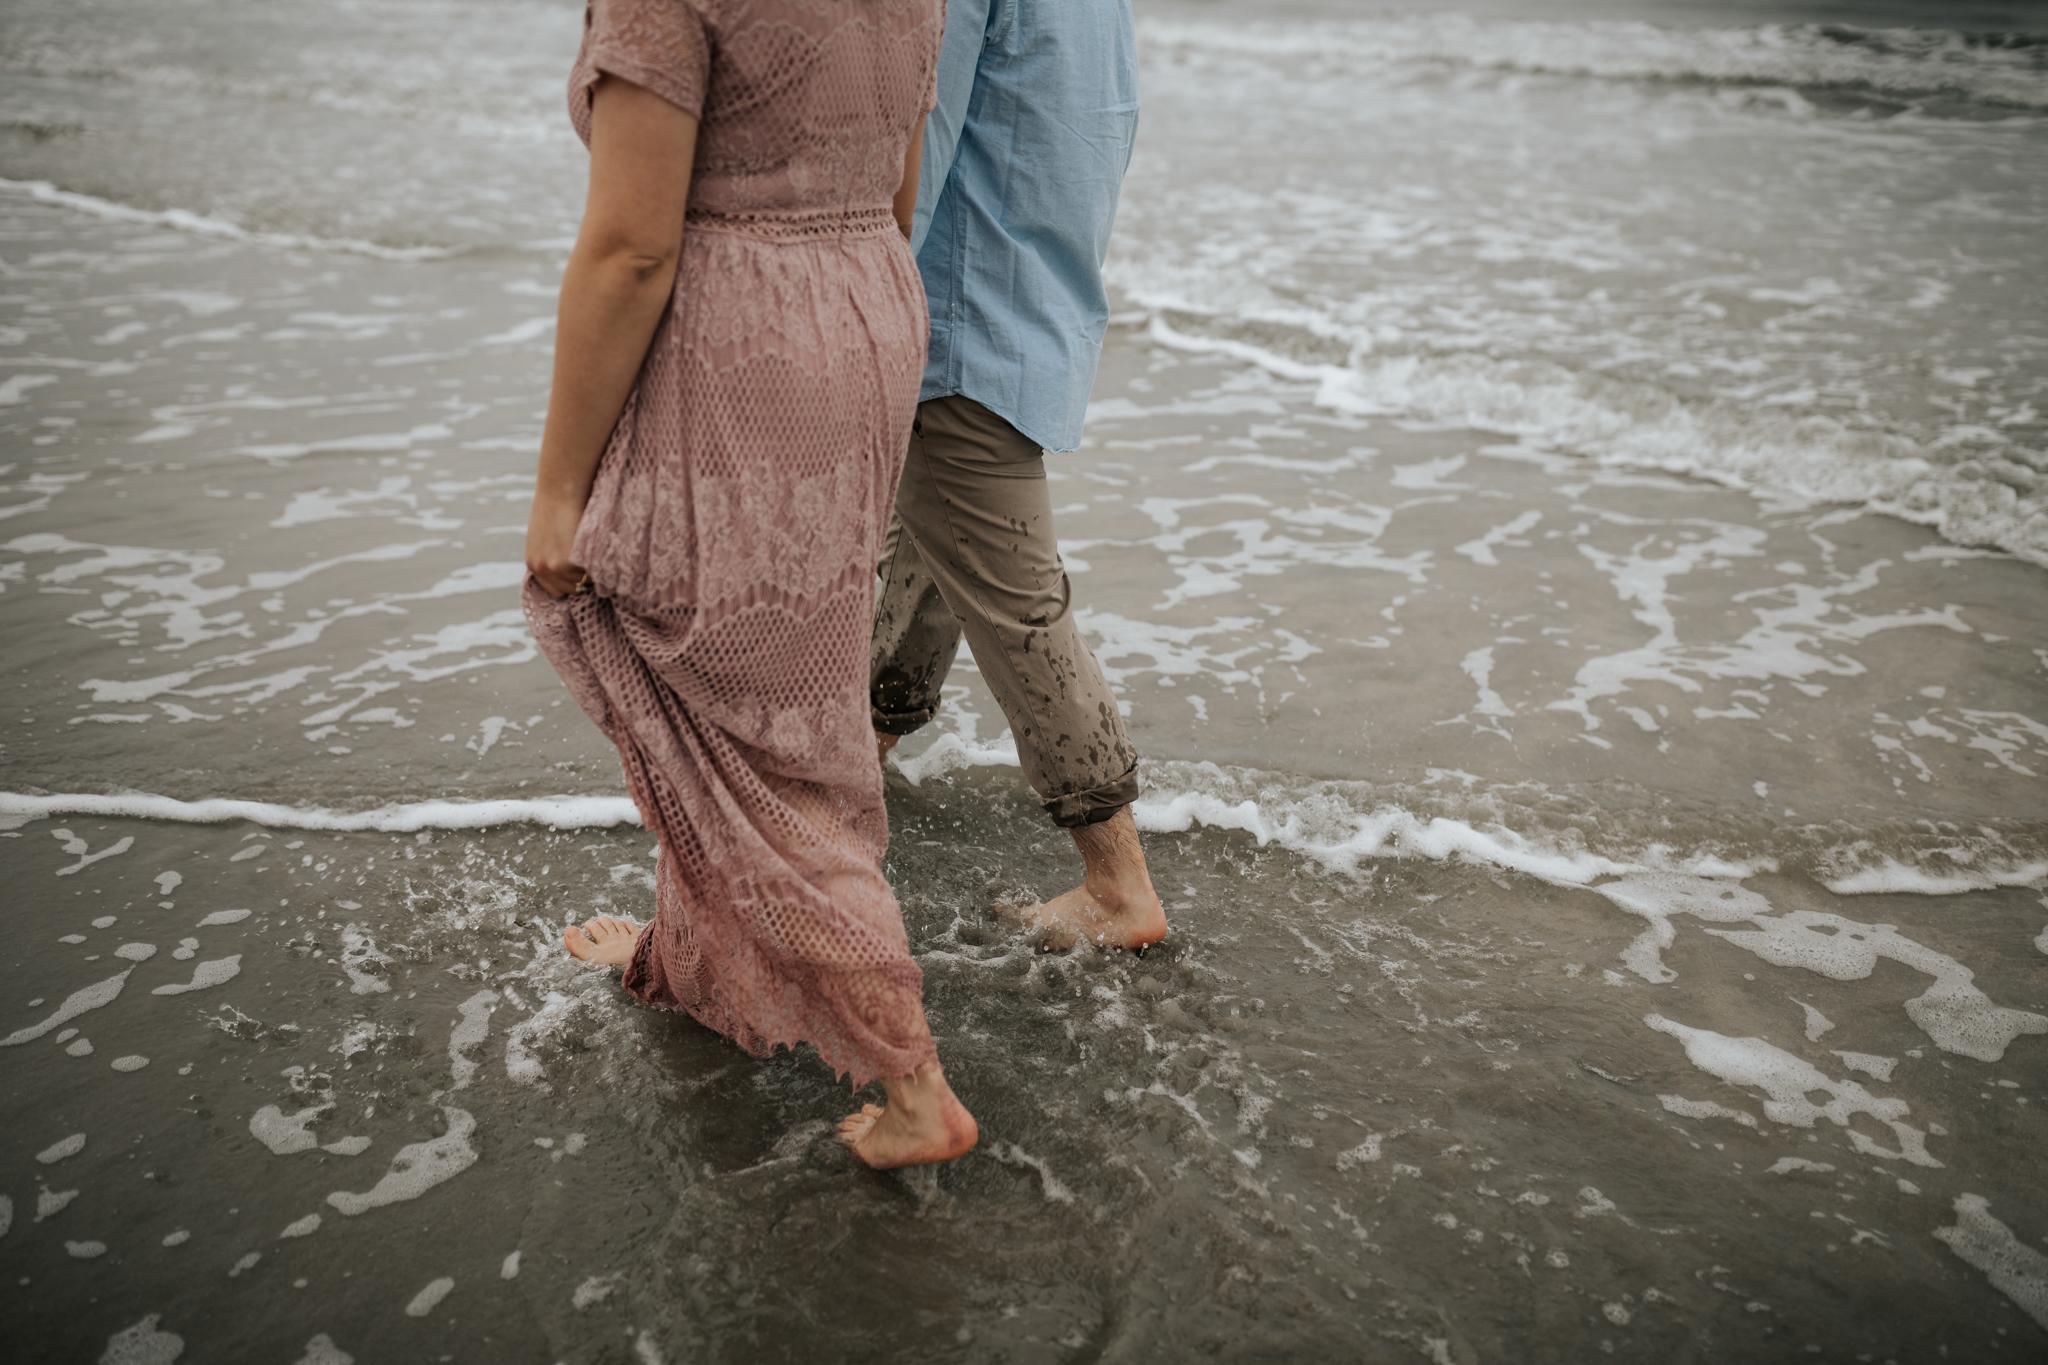 Leah Nicole Photography - Houston Wedding Photographer-Galveston Engagement Session- Houston Wedding Photographer -Kristen Giles Photography-14.jpg